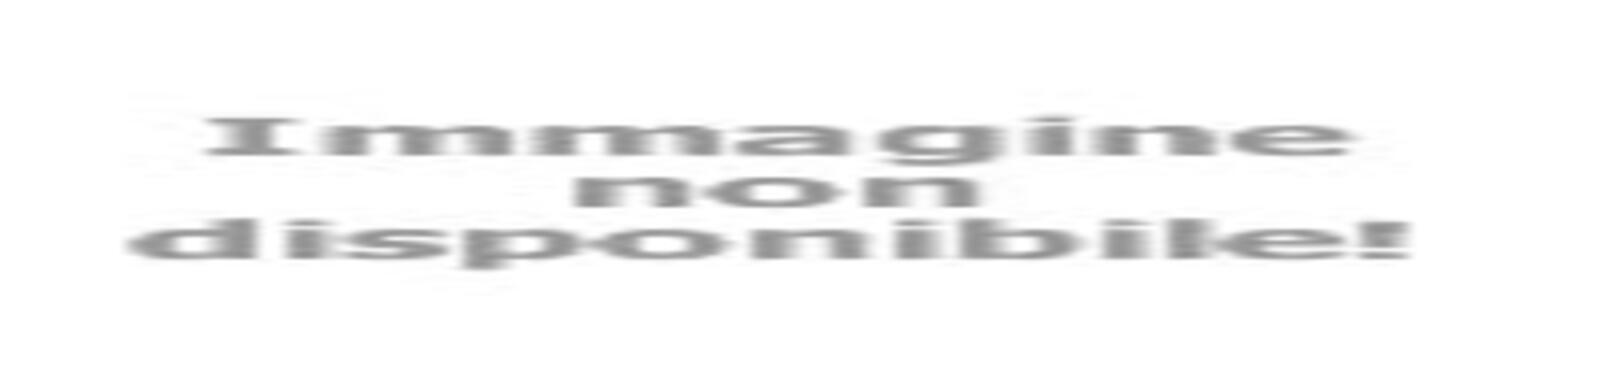 petronianaviaggi it fai-della-paganella-soggiorno-in-montagna-v438 002